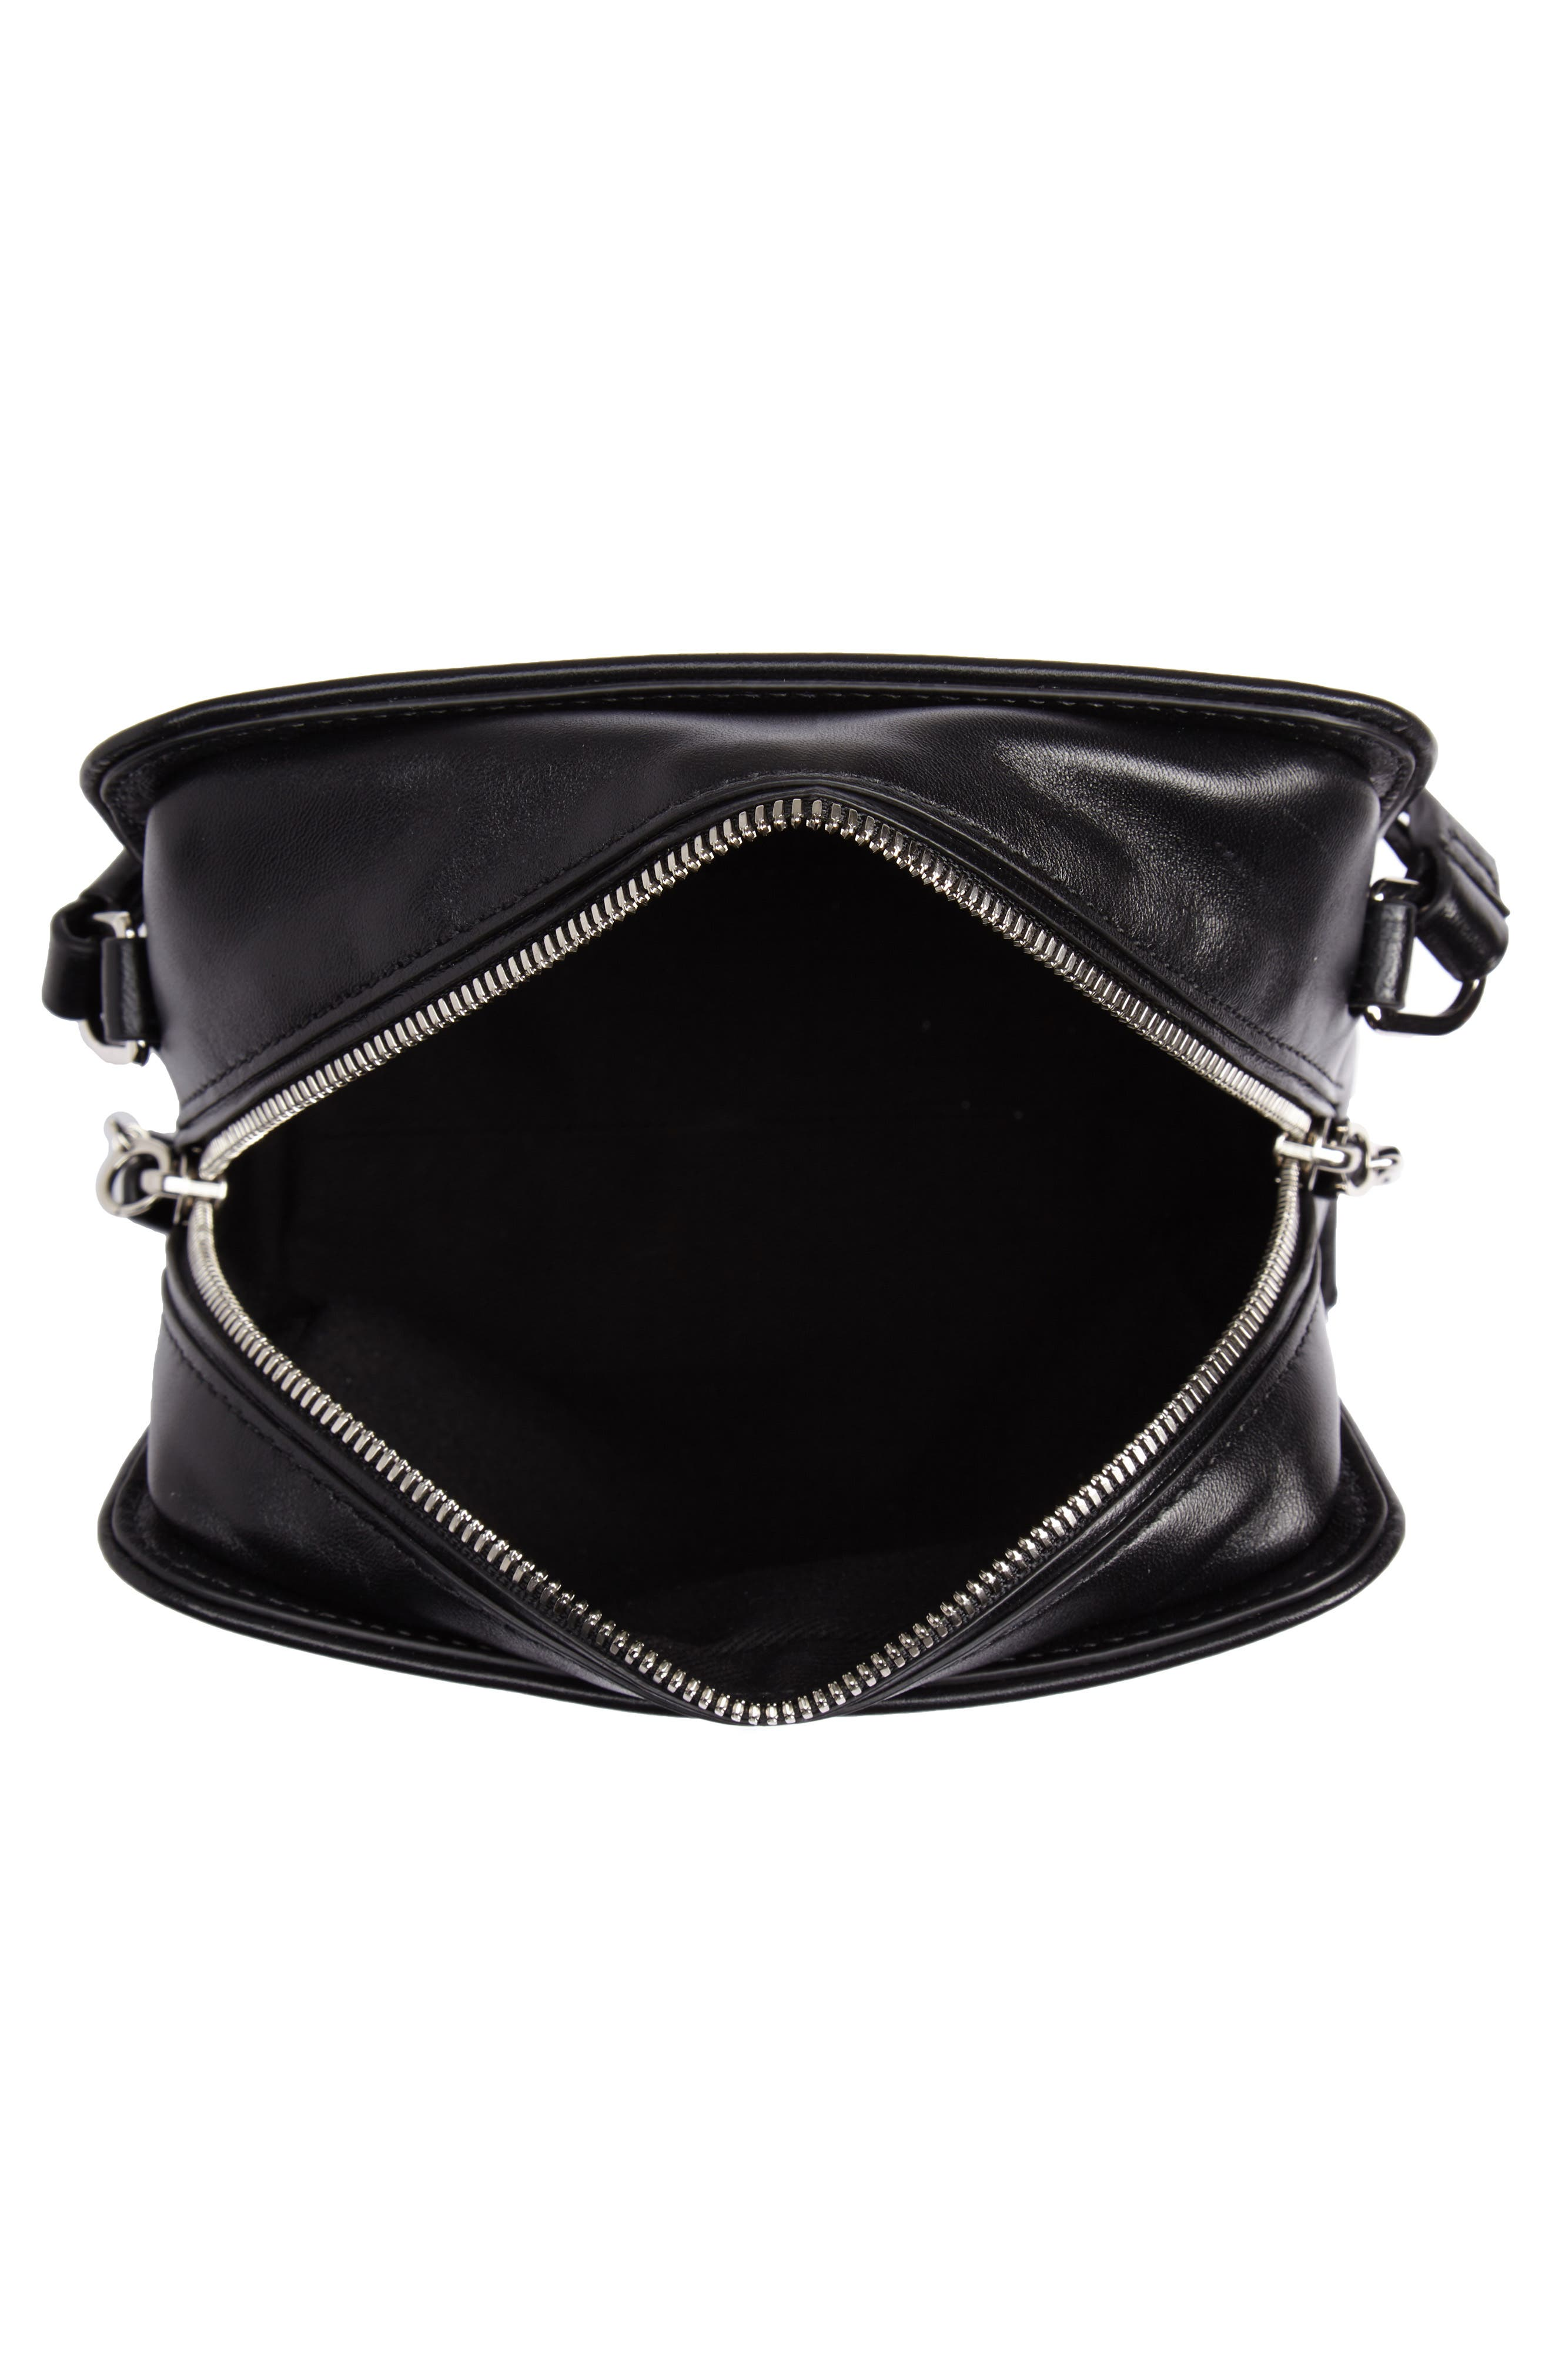 Hudson Mini Square Leather Crossbody Bag,                             Alternate thumbnail 4, color,                             001